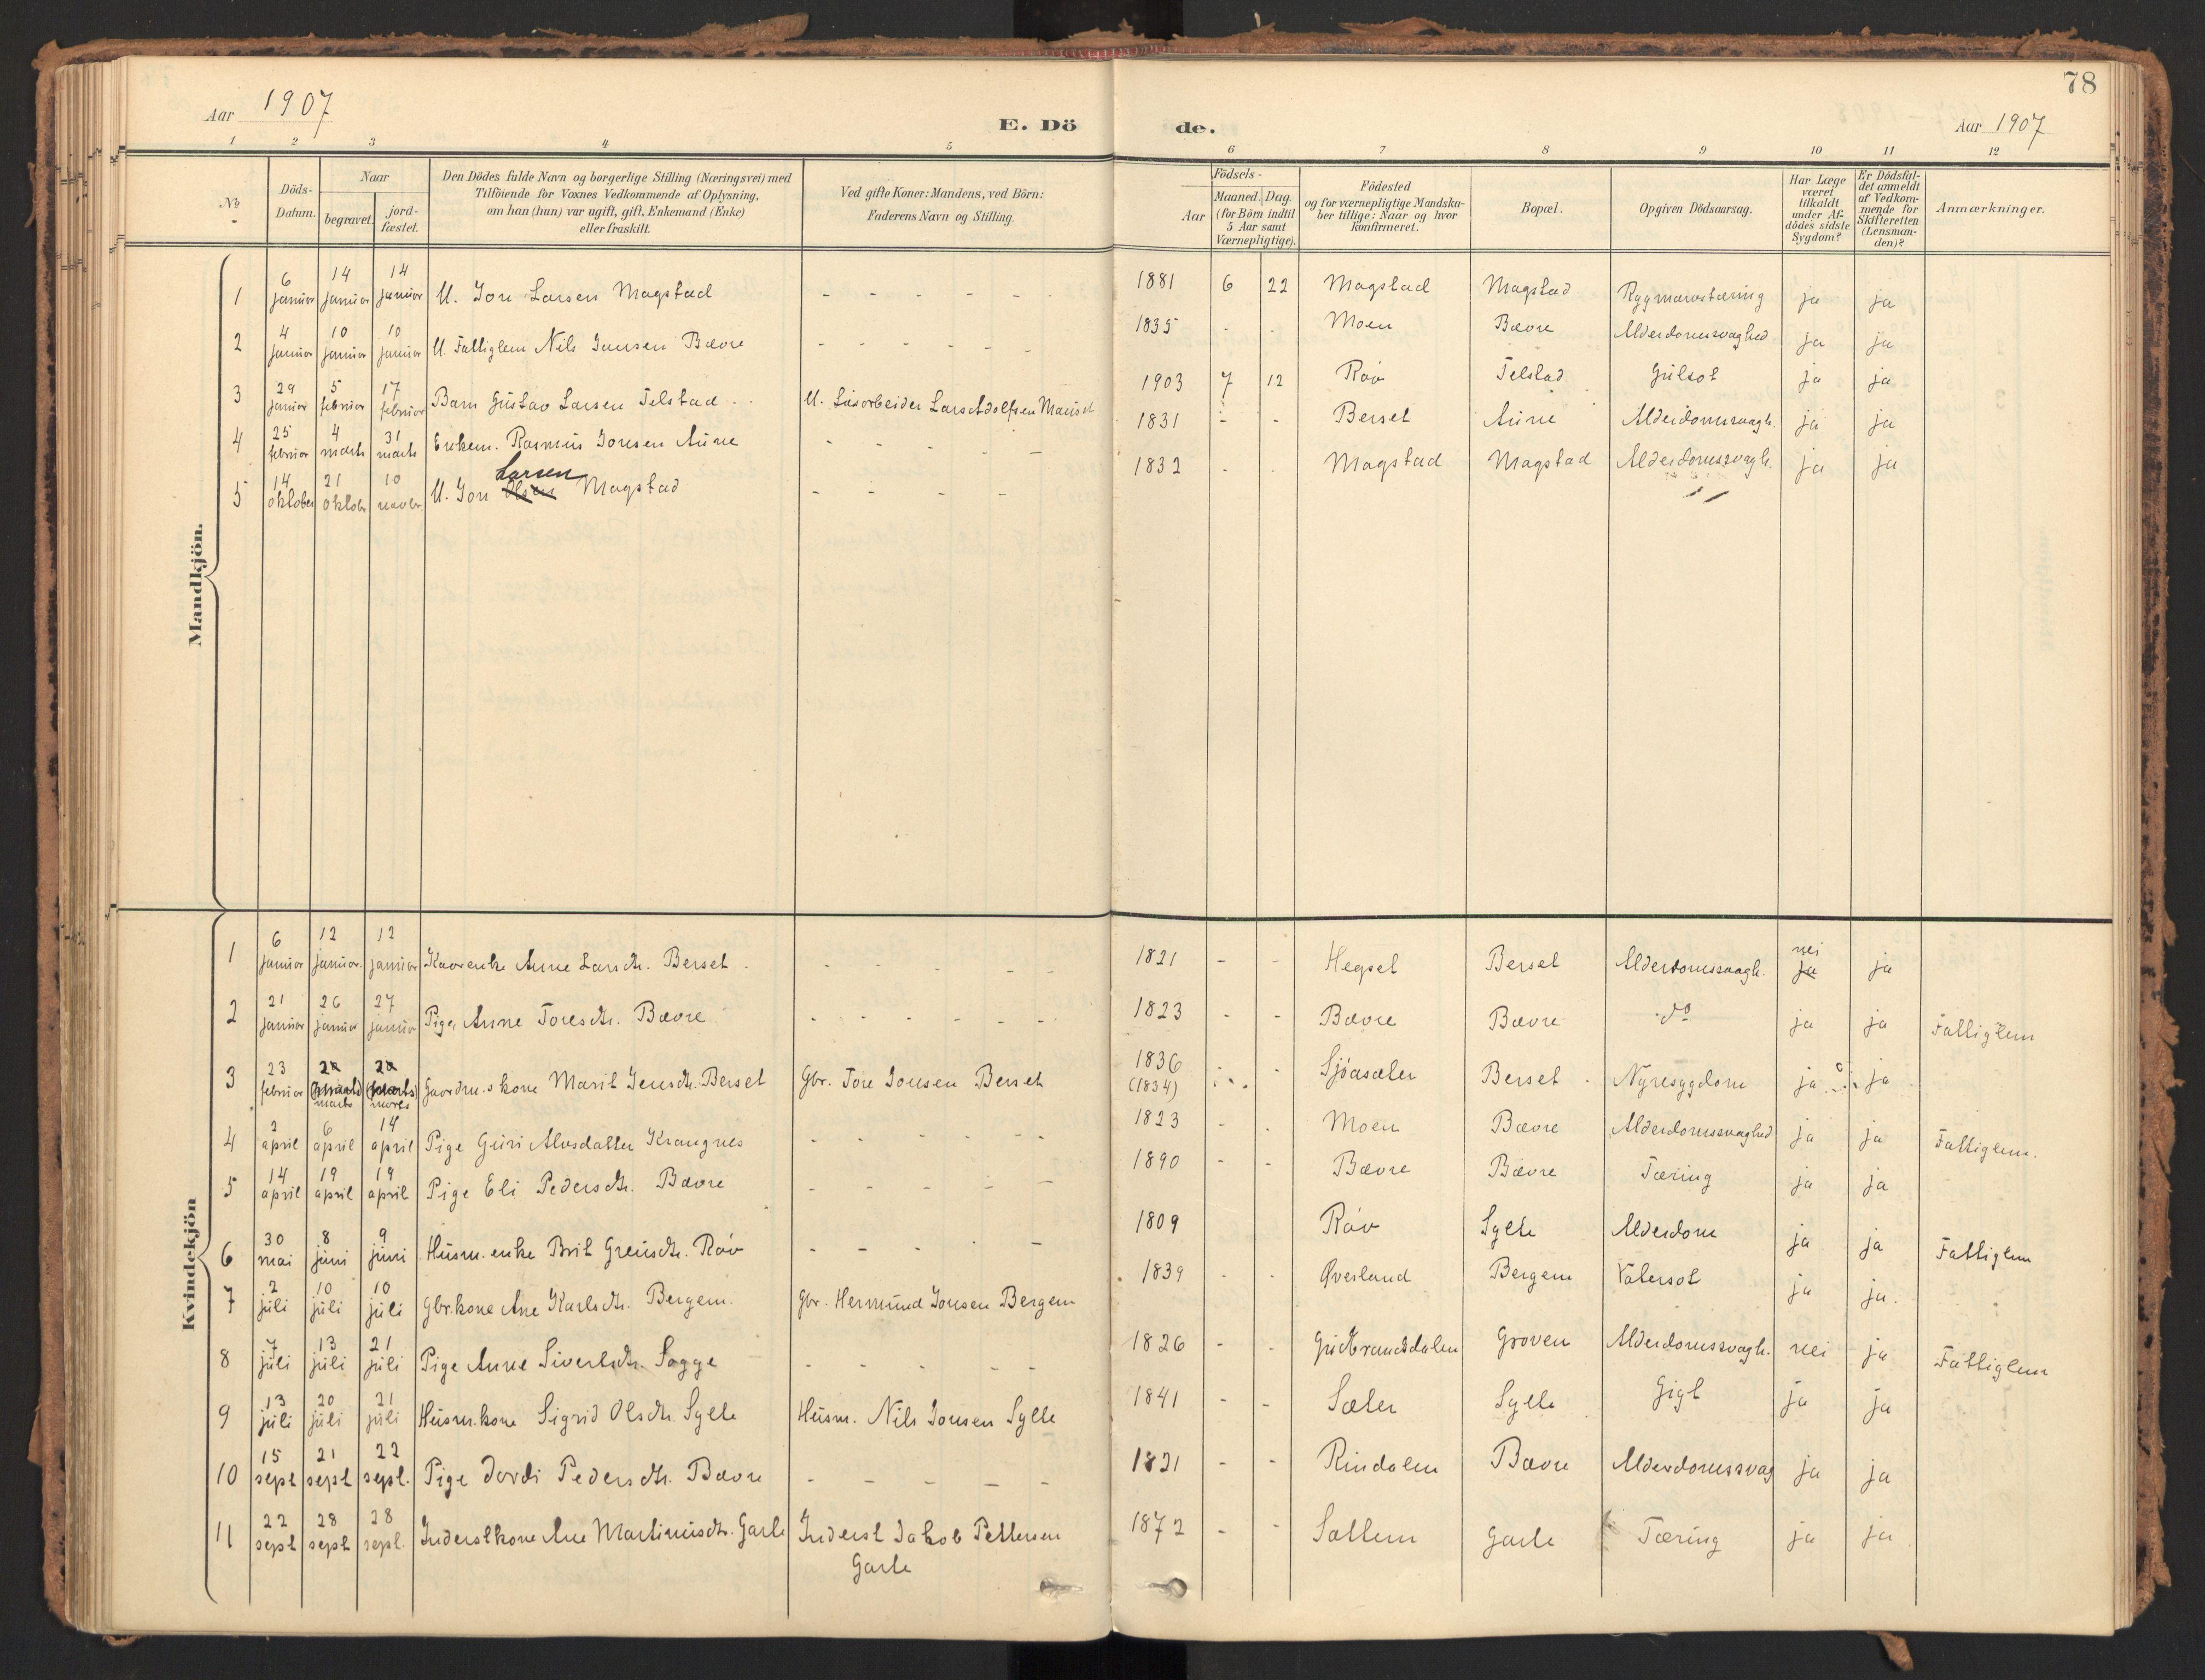 SAT, Ministerialprotokoller, klokkerbøker og fødselsregistre - Møre og Romsdal, 595/L1048: Ministerialbok nr. 595A10, 1900-1917, s. 78